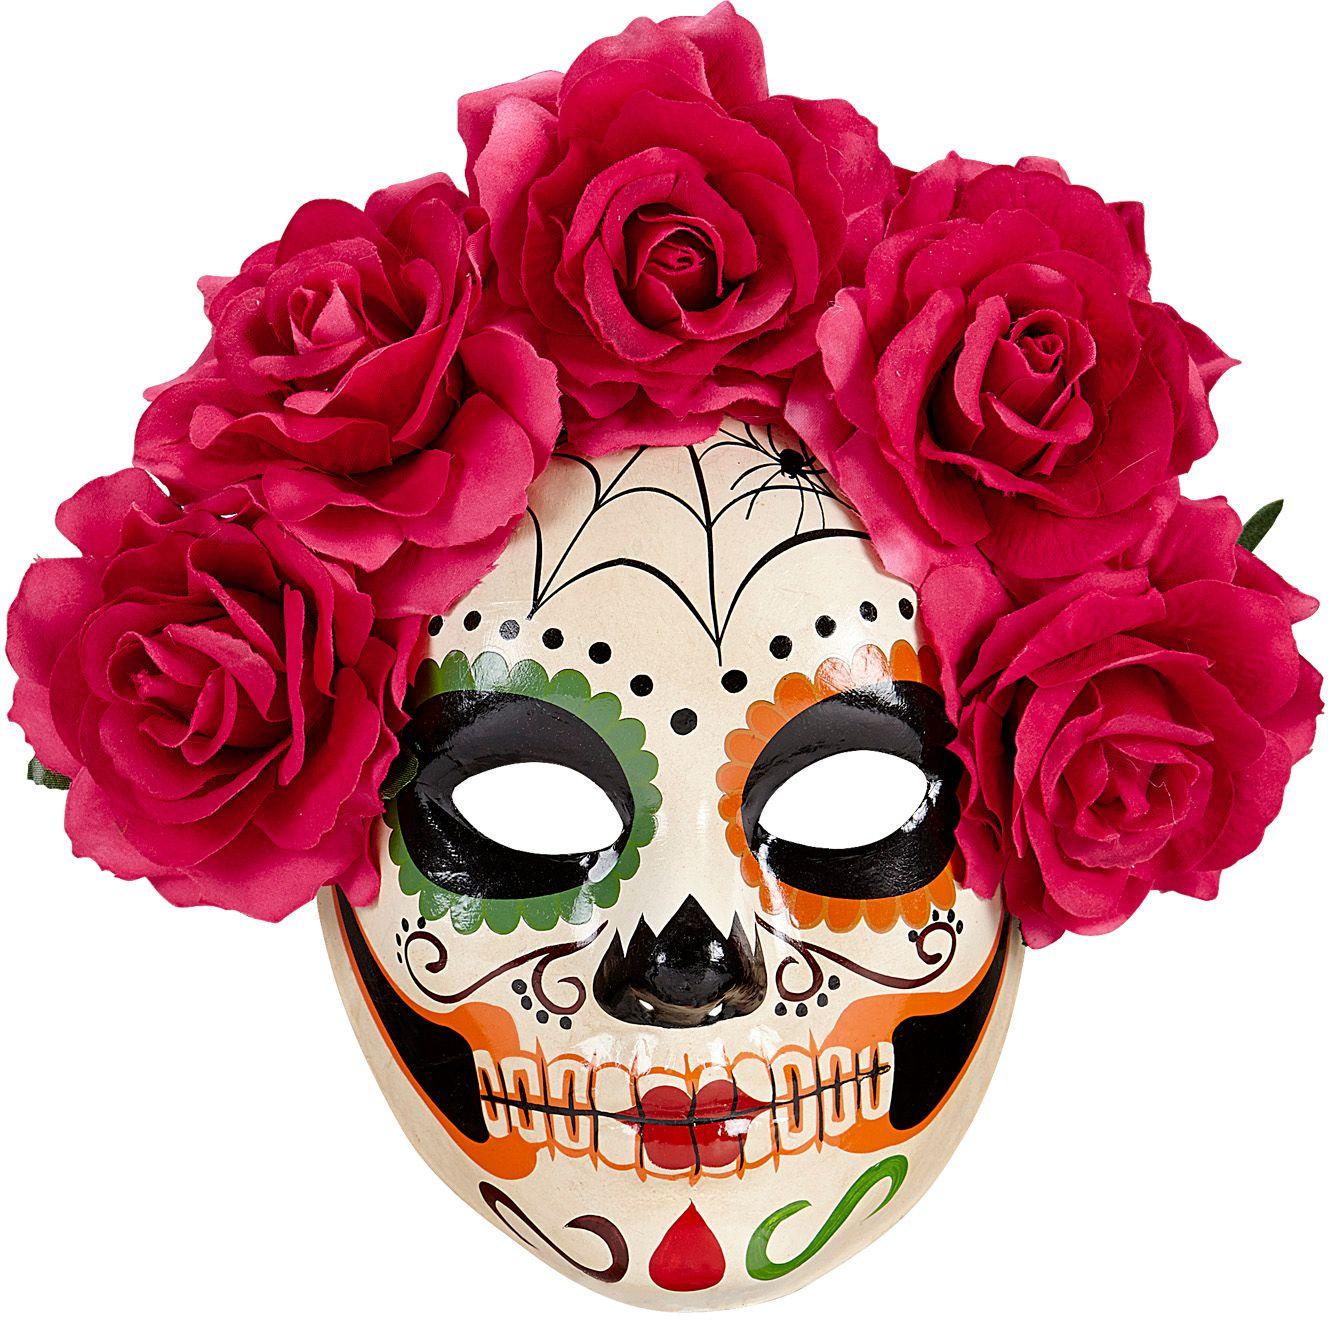 Dia de los muertos masker met rode rozen